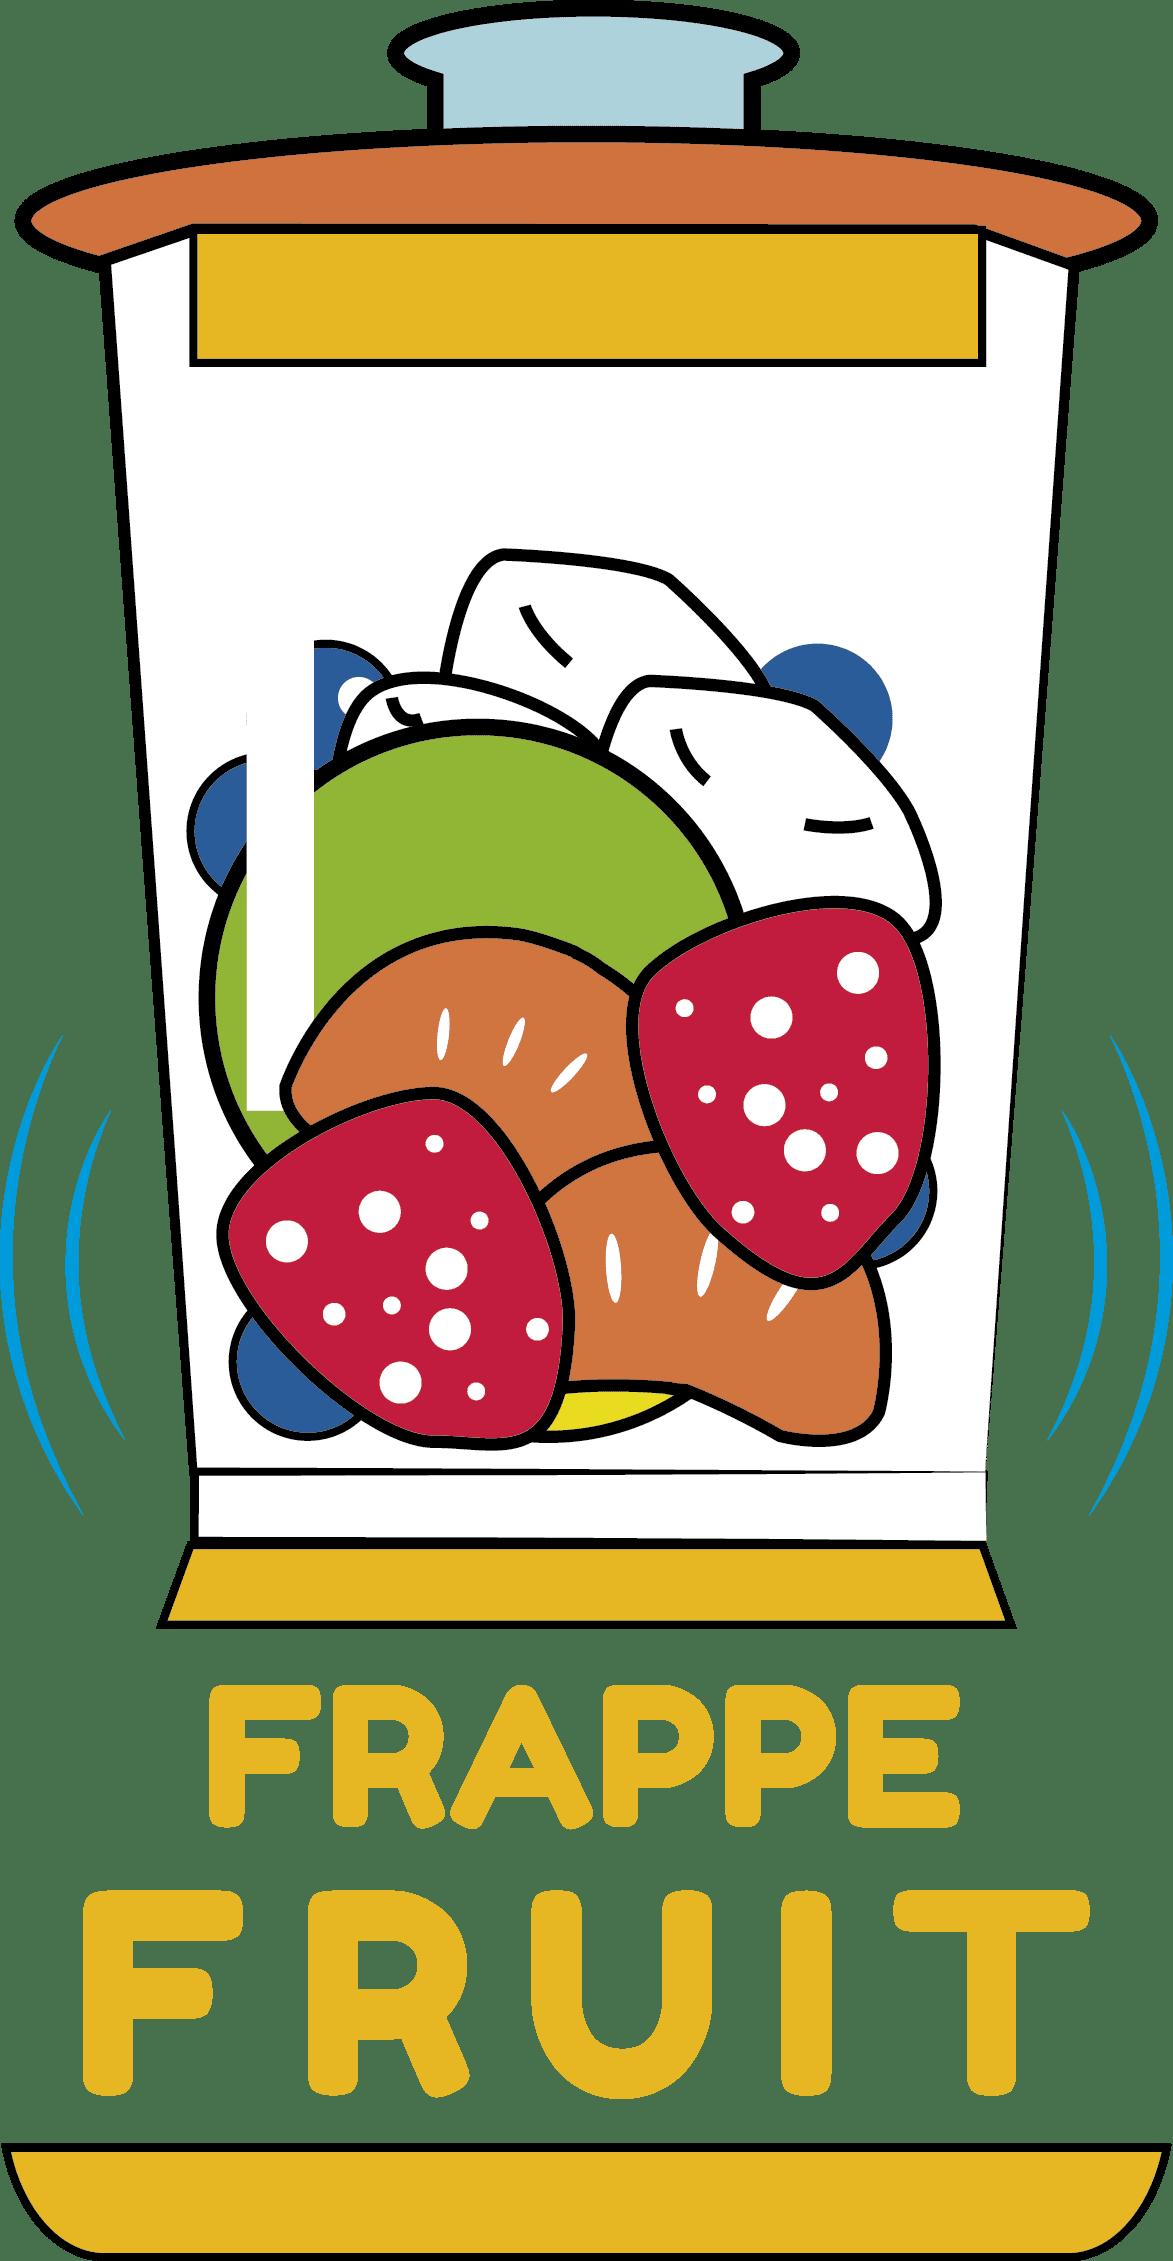 Frappe Fruit